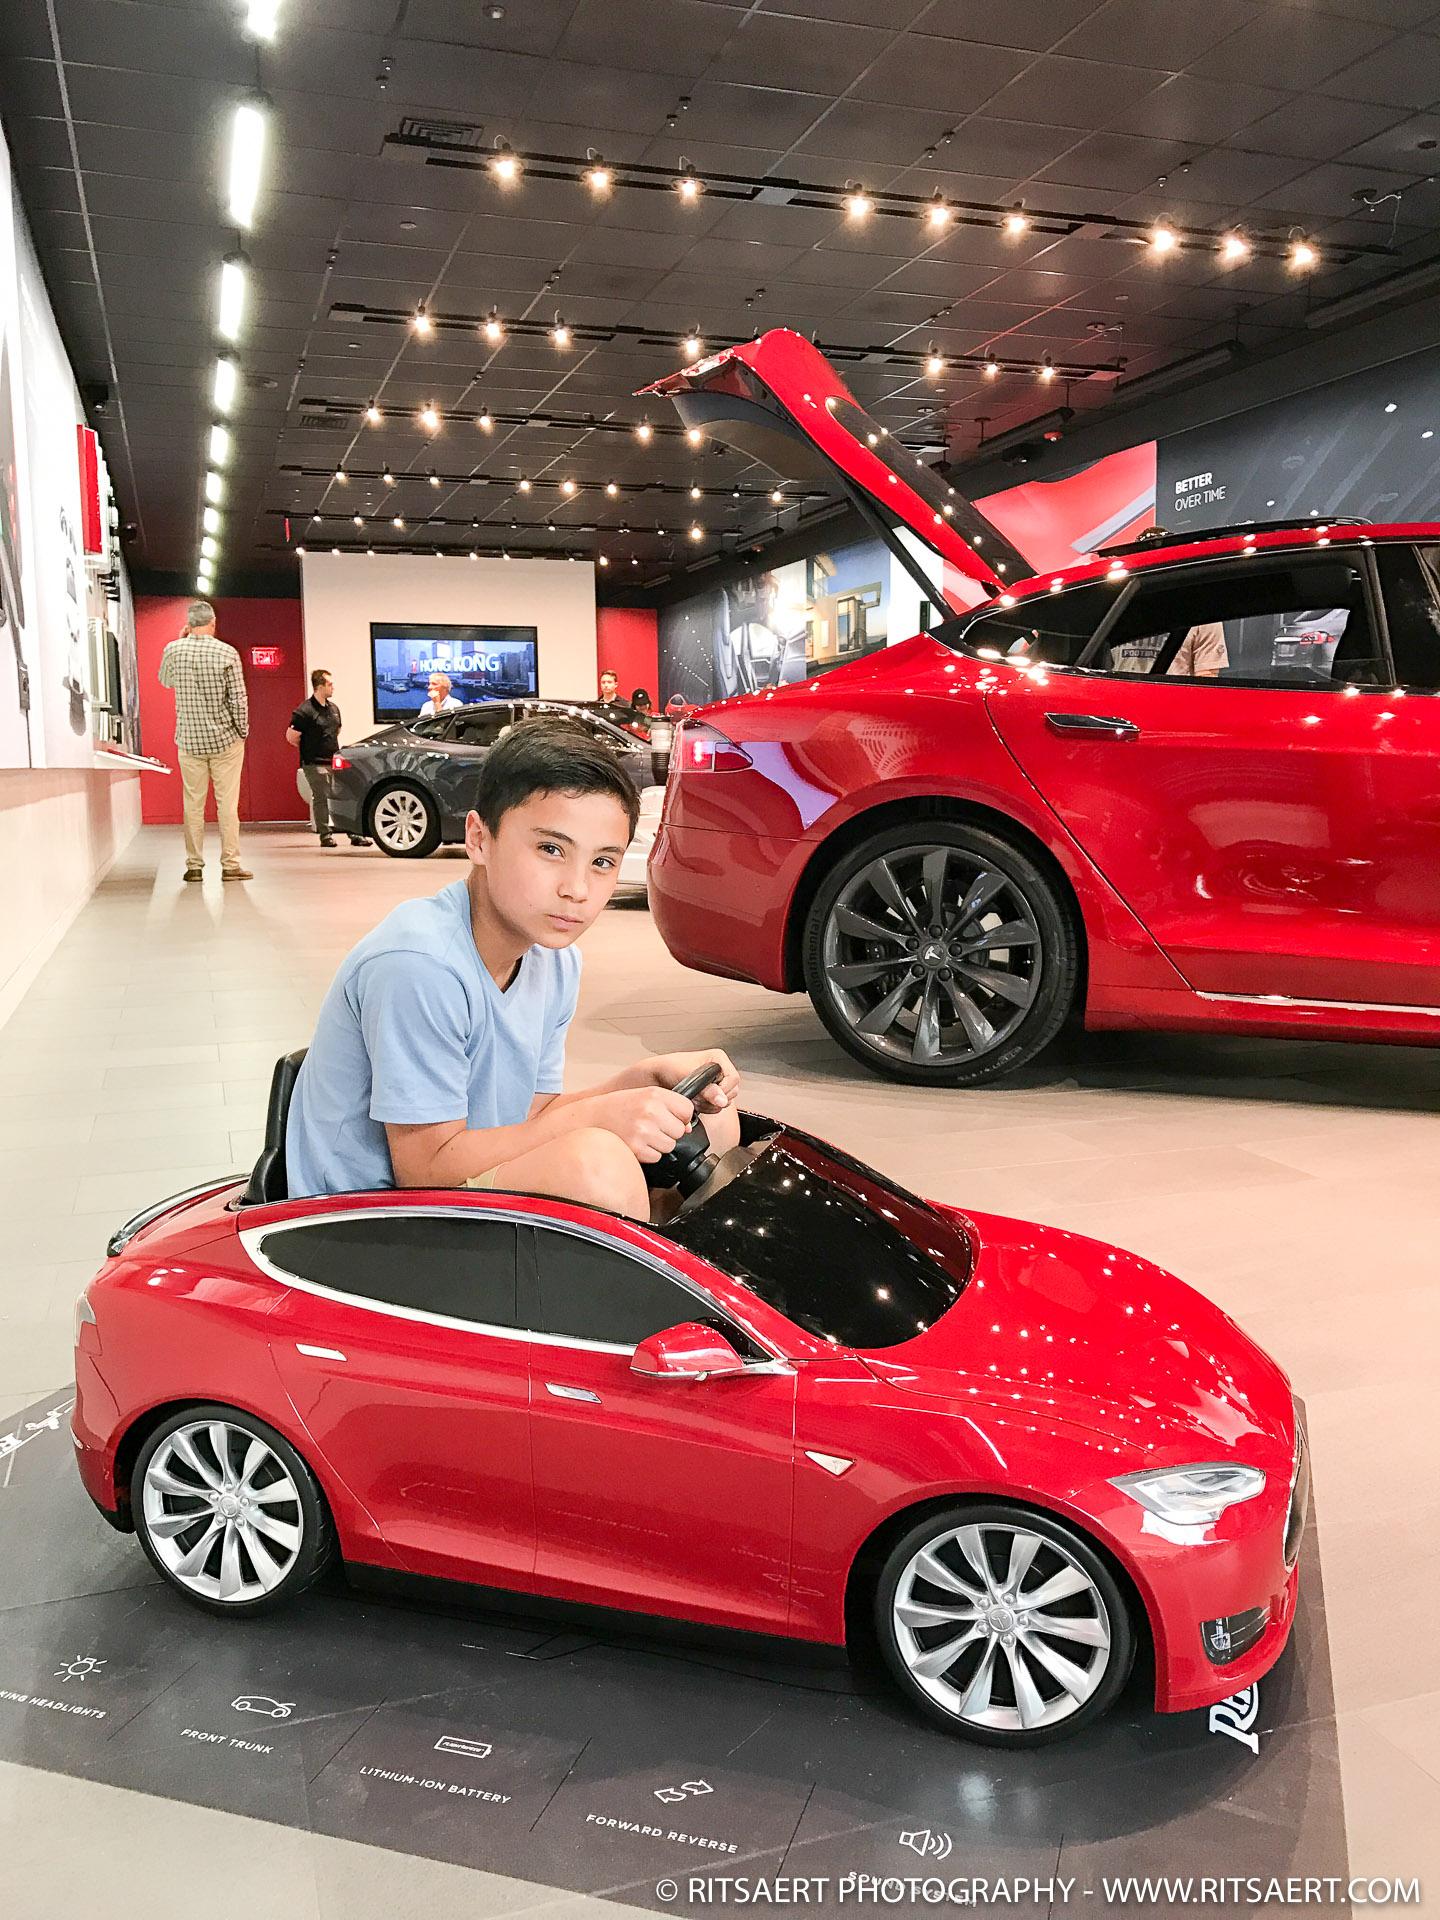 Yo dad!, wanna race? - Tesla - Miami